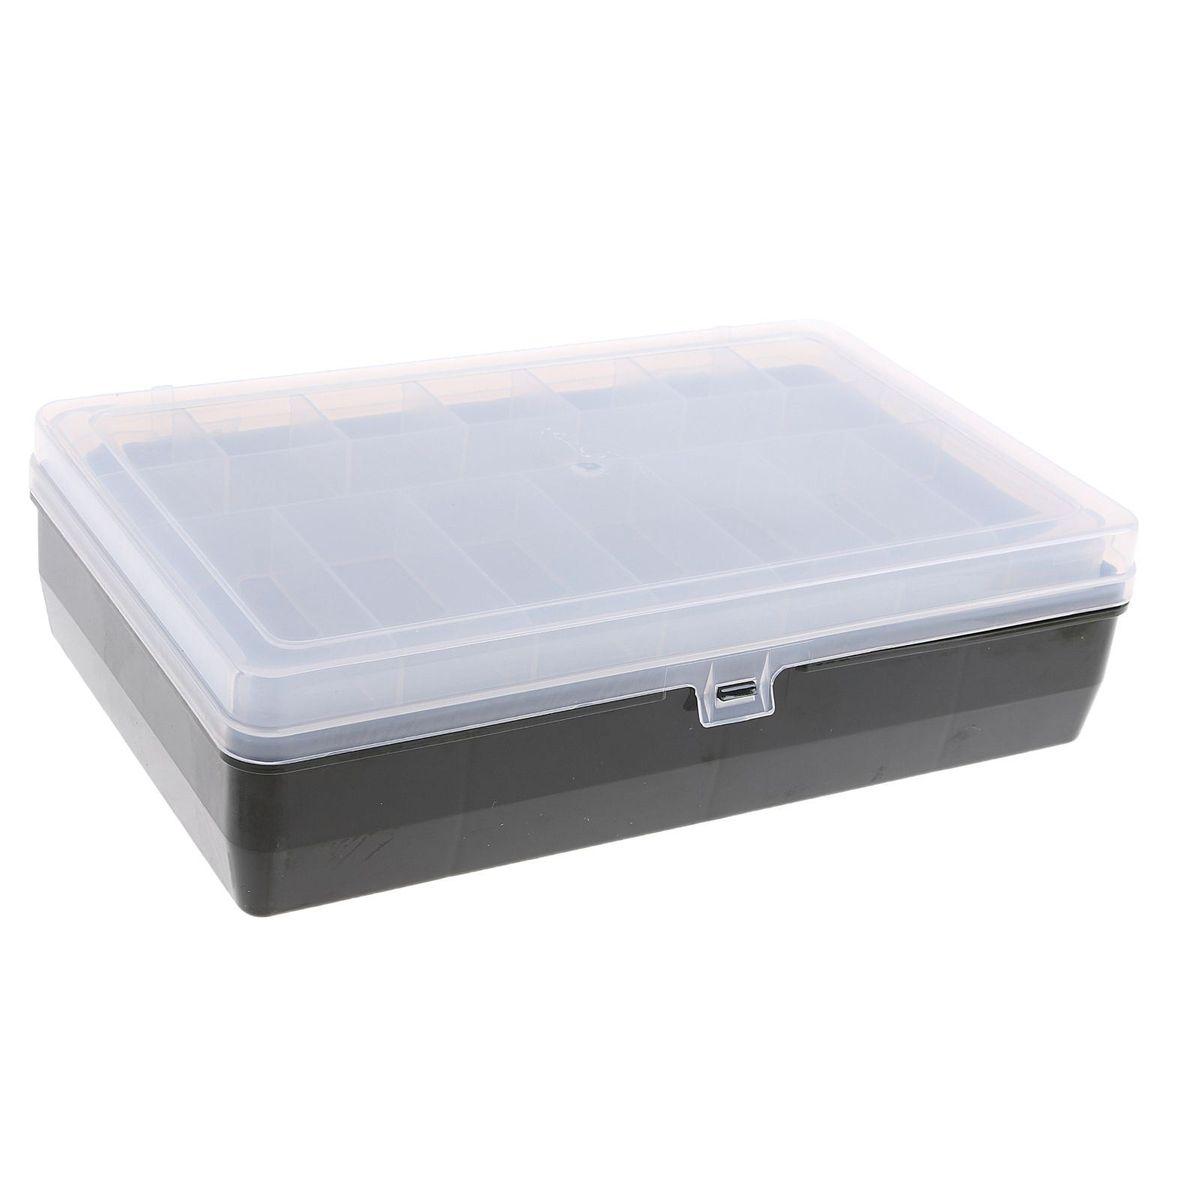 Коробка для крючков и насадок Тривол, двухъярусная , цвет: зеленый, 24х15х6,5 см1252457Коробки для крючков, как и другие аксессуары для рыбалки, помогут сделать процесс подготовки к самой рыбной ловле максимально удобным. Сегодня мы можем предложить всем нашим посетителям такие коробки для крючков, которые идеально подойдут в любое время года, для любого типа рыбалки и помогут вовремя отыскать среди всех снастей именно те, которые необходимы на данный момент.